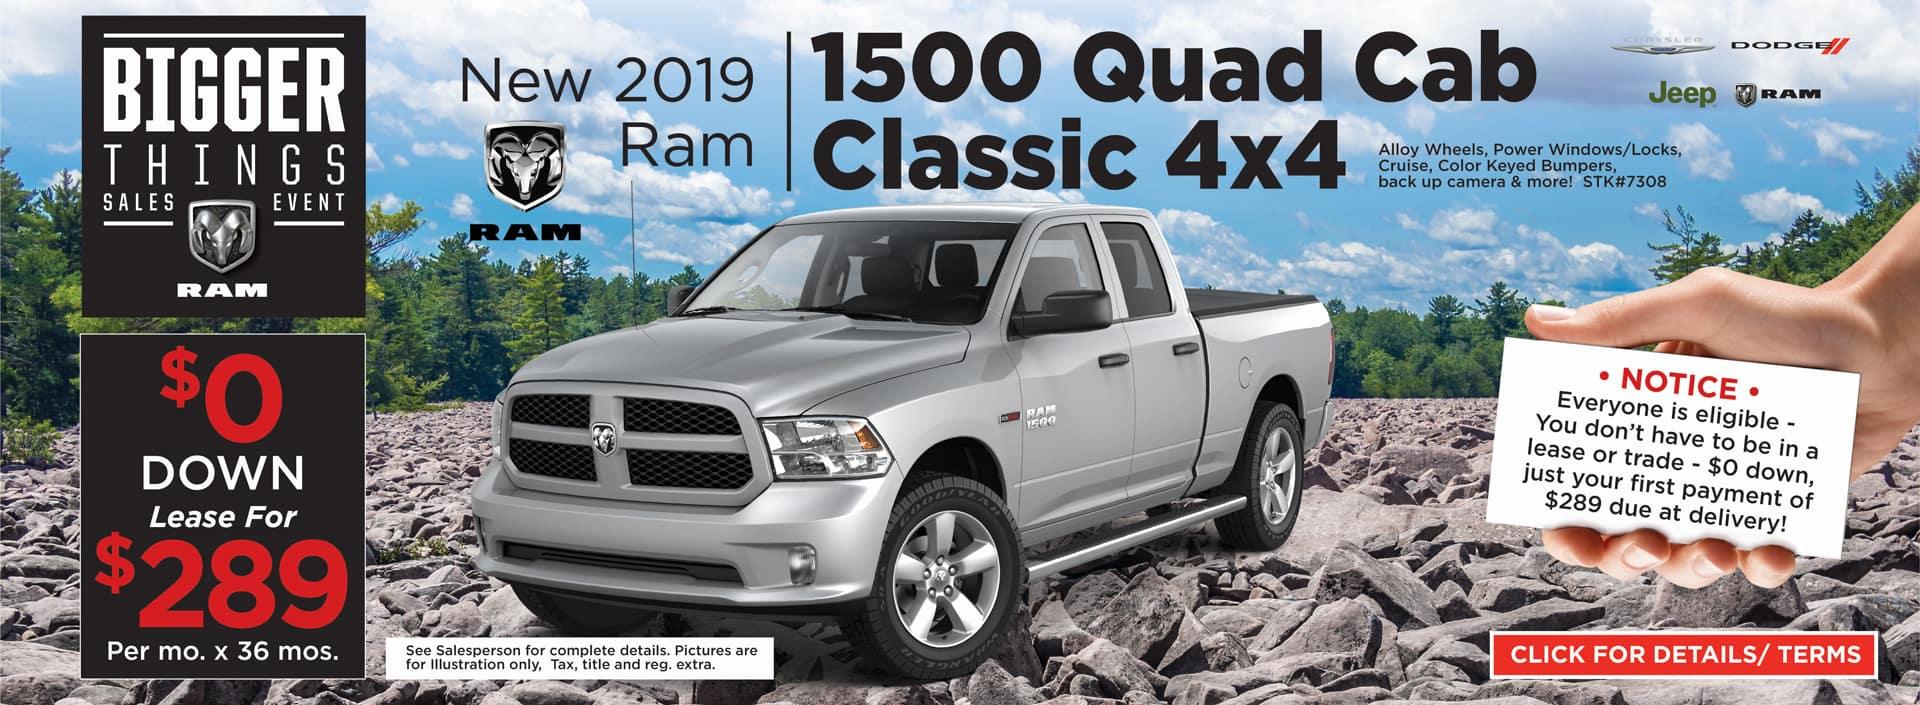 2019 RAM Quad Cab